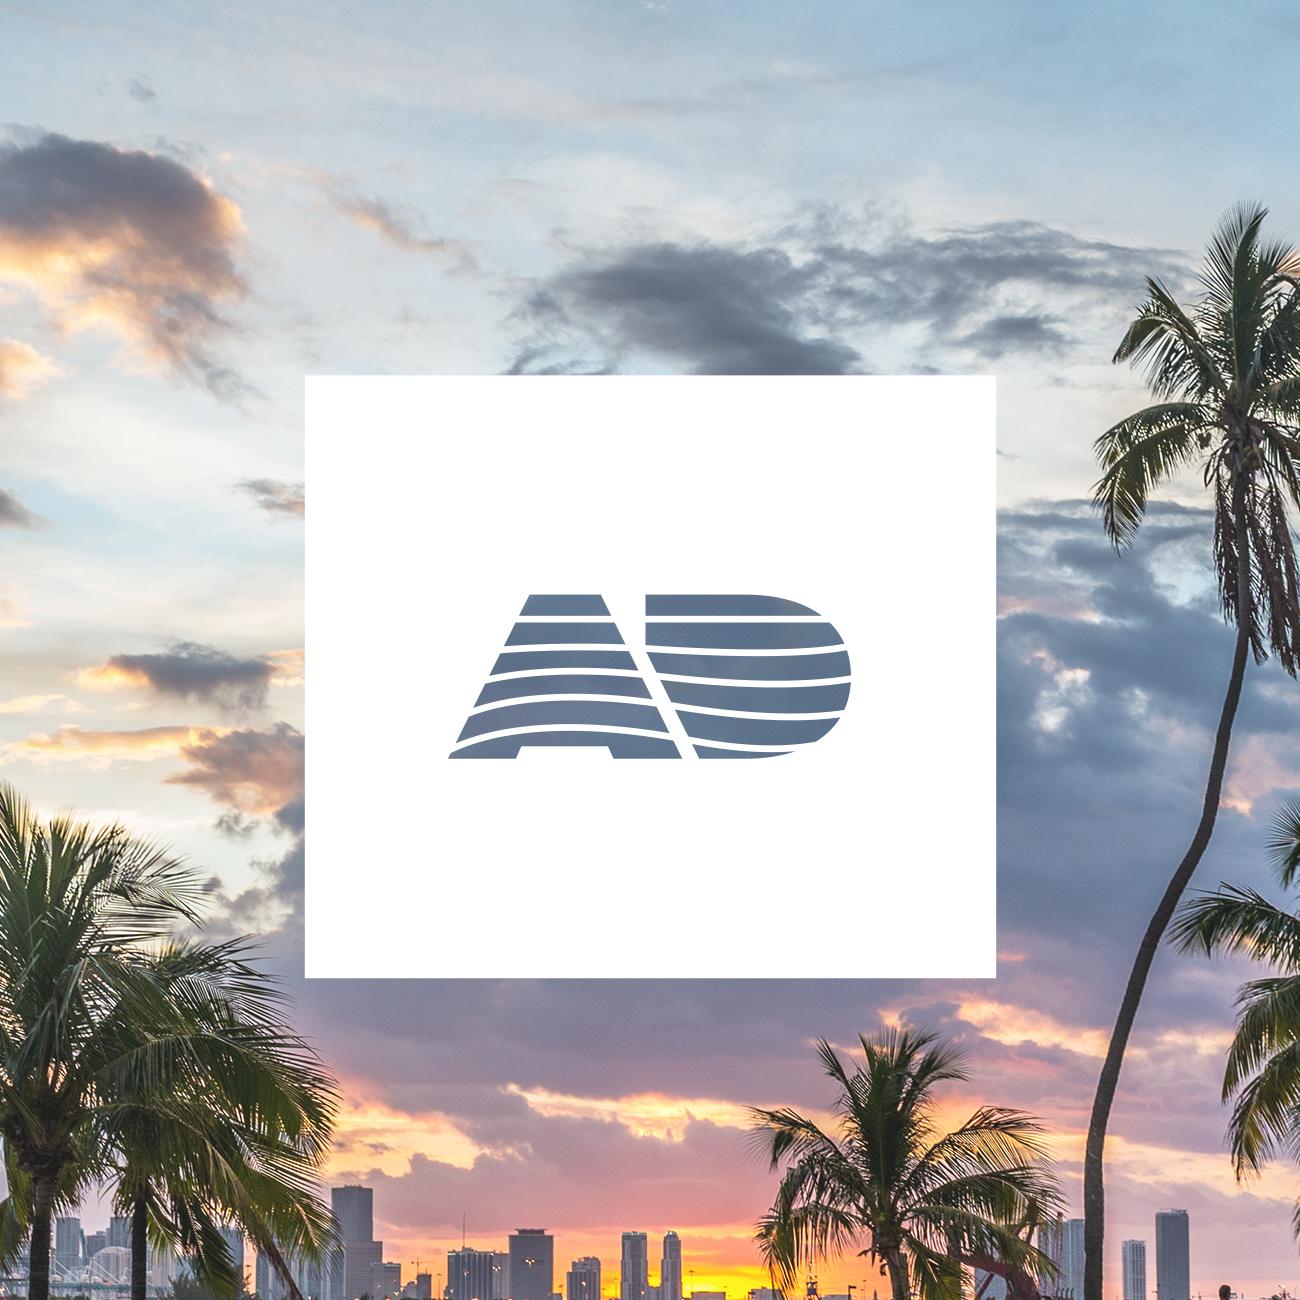 Branding and book design for AIA Miami / Miami Center for Architecture & Design